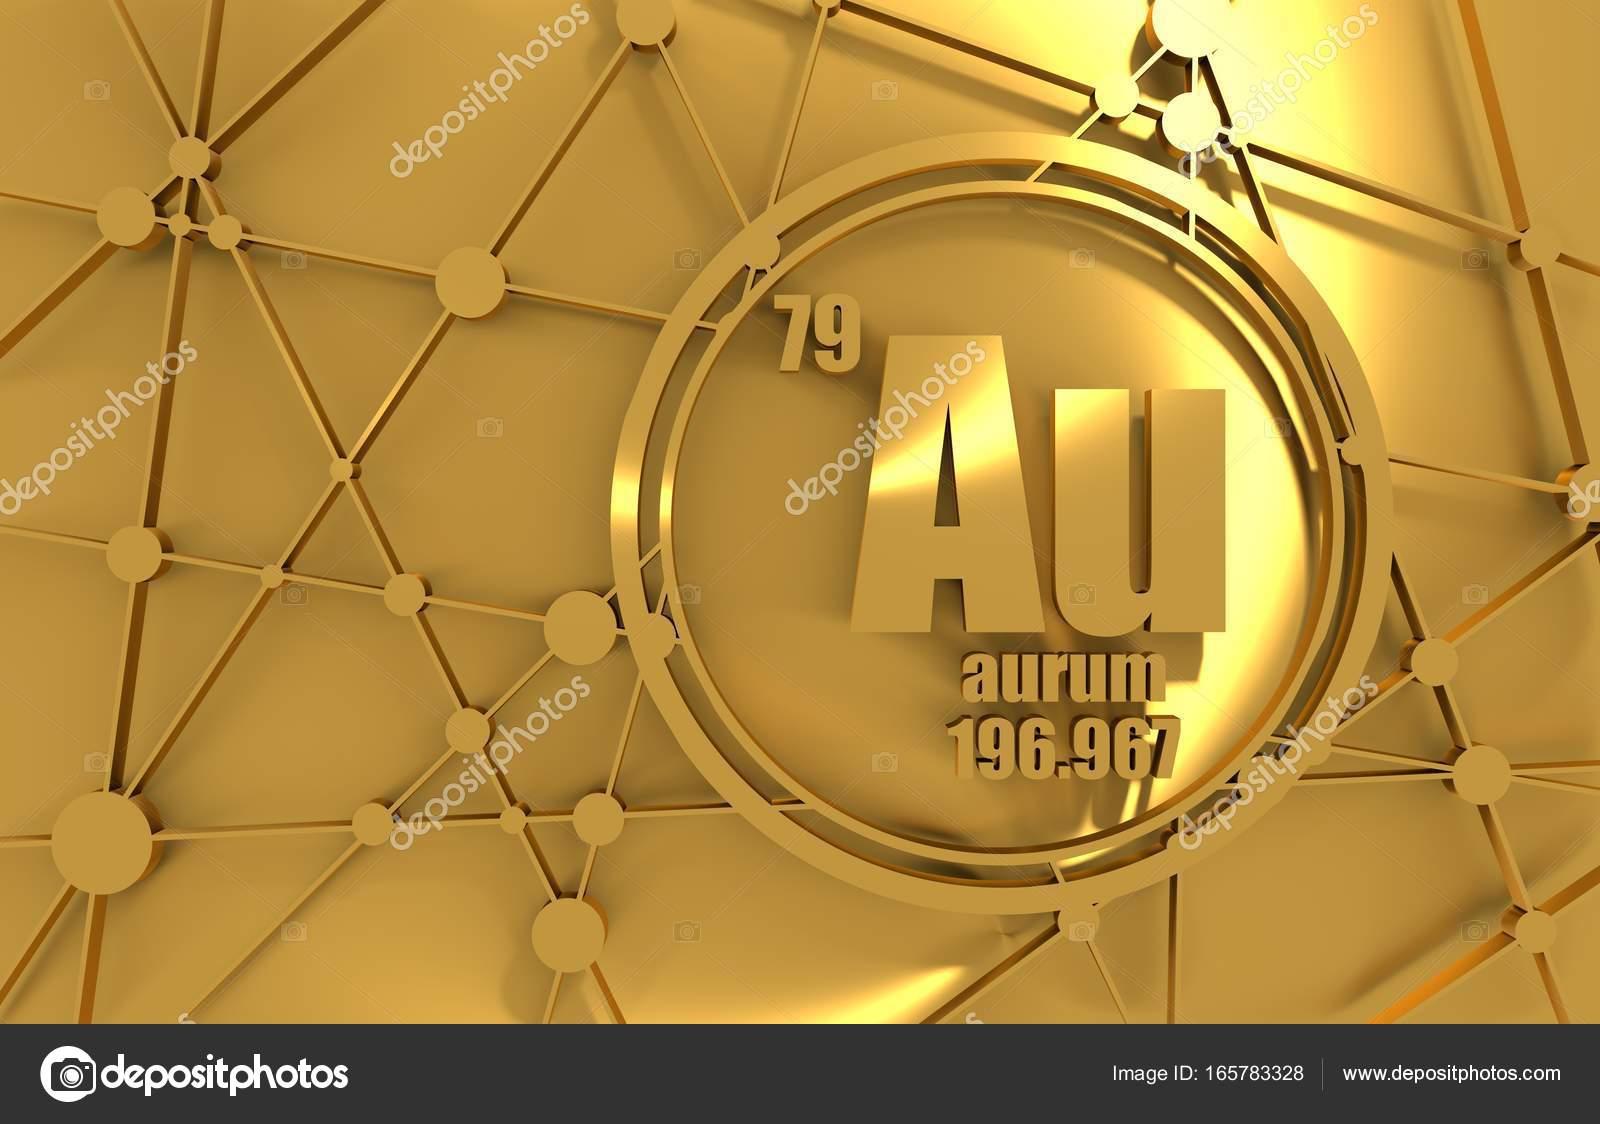 Elemento qumico oro fotos de stock jegasra 165783328 elemento qumico oro firmar con el nmero atmico y peso atmico elemento qumico de tabla peridica molcula y el fondo de la comunicacin urtaz Image collections